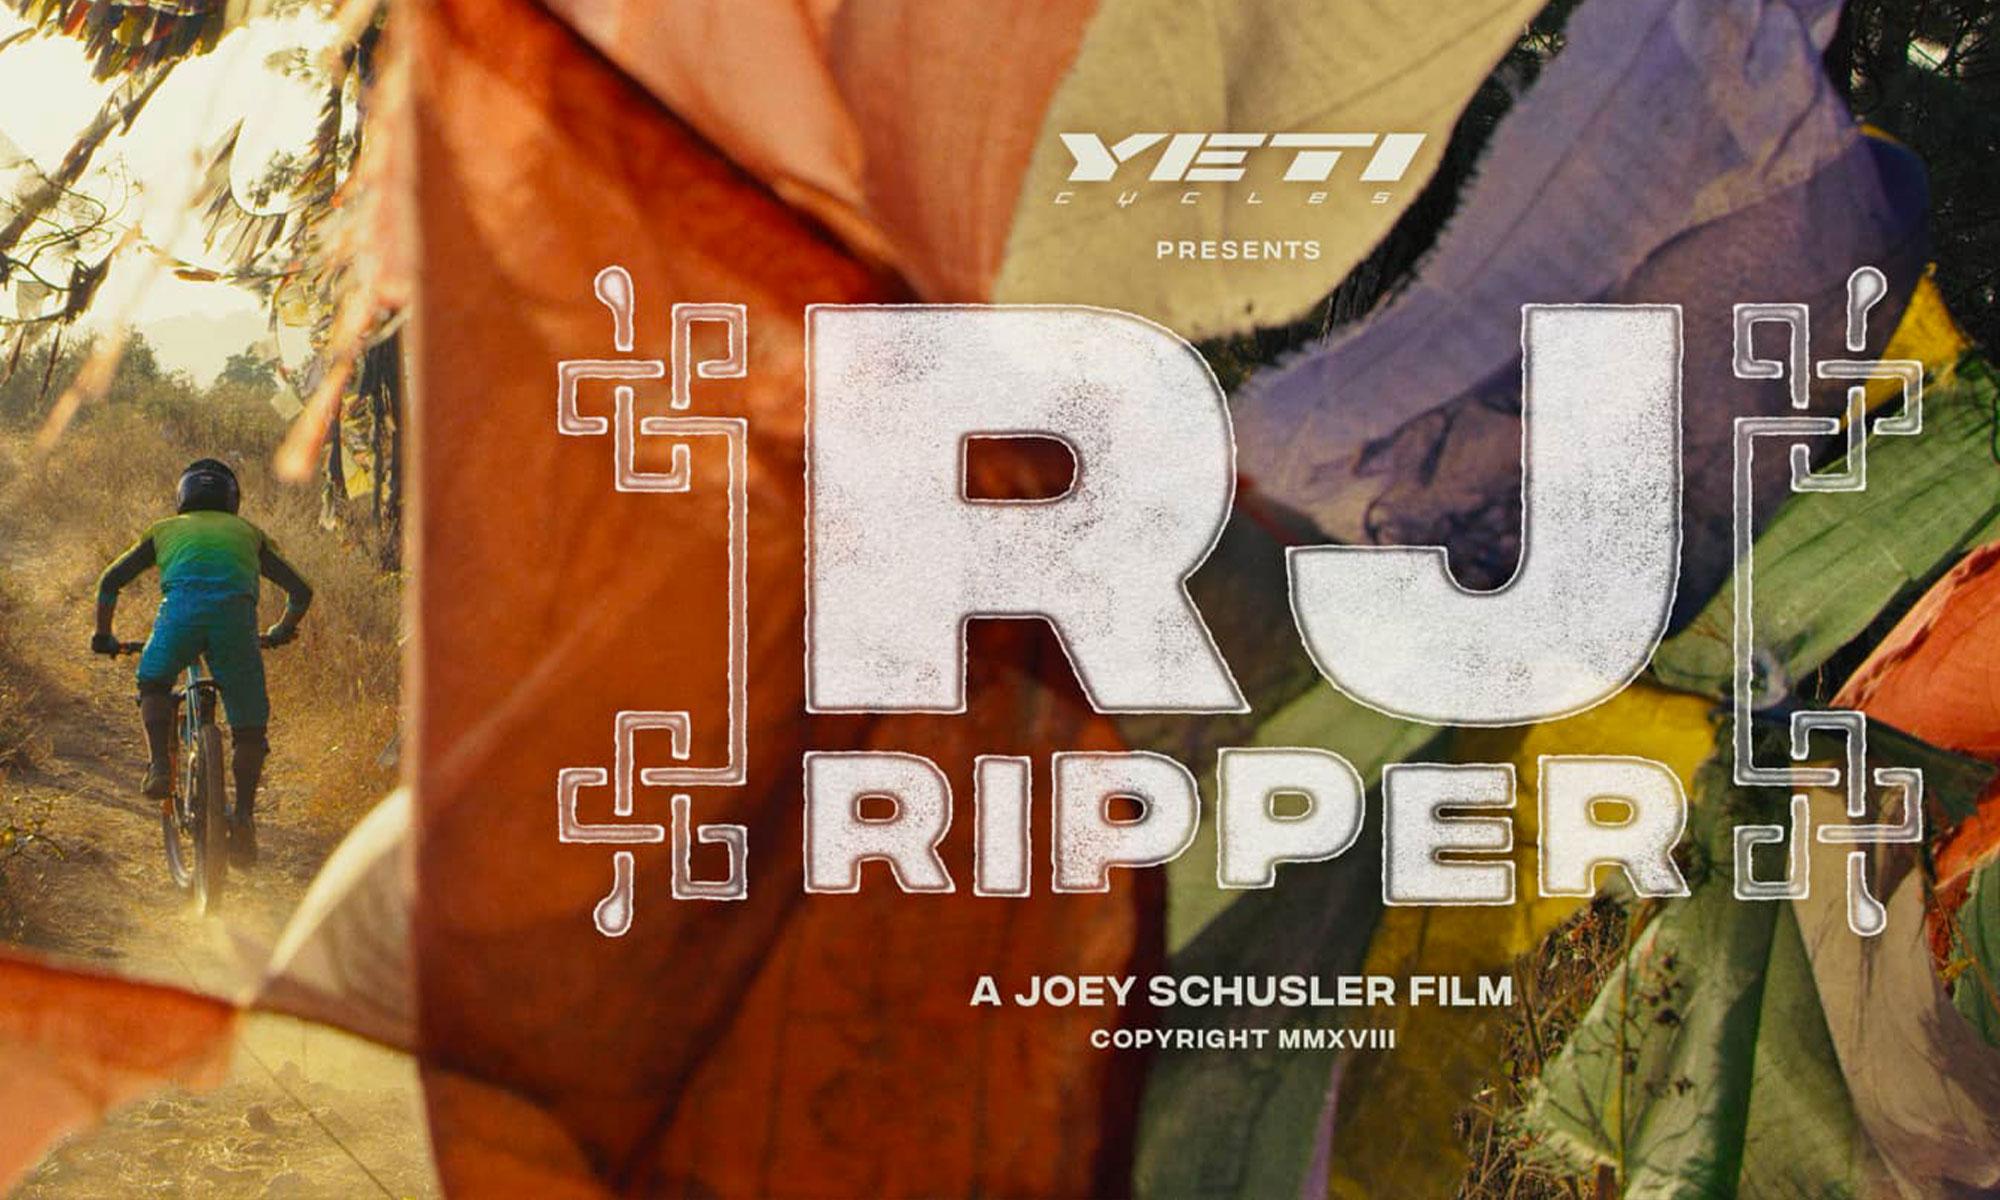 RJ Ripper